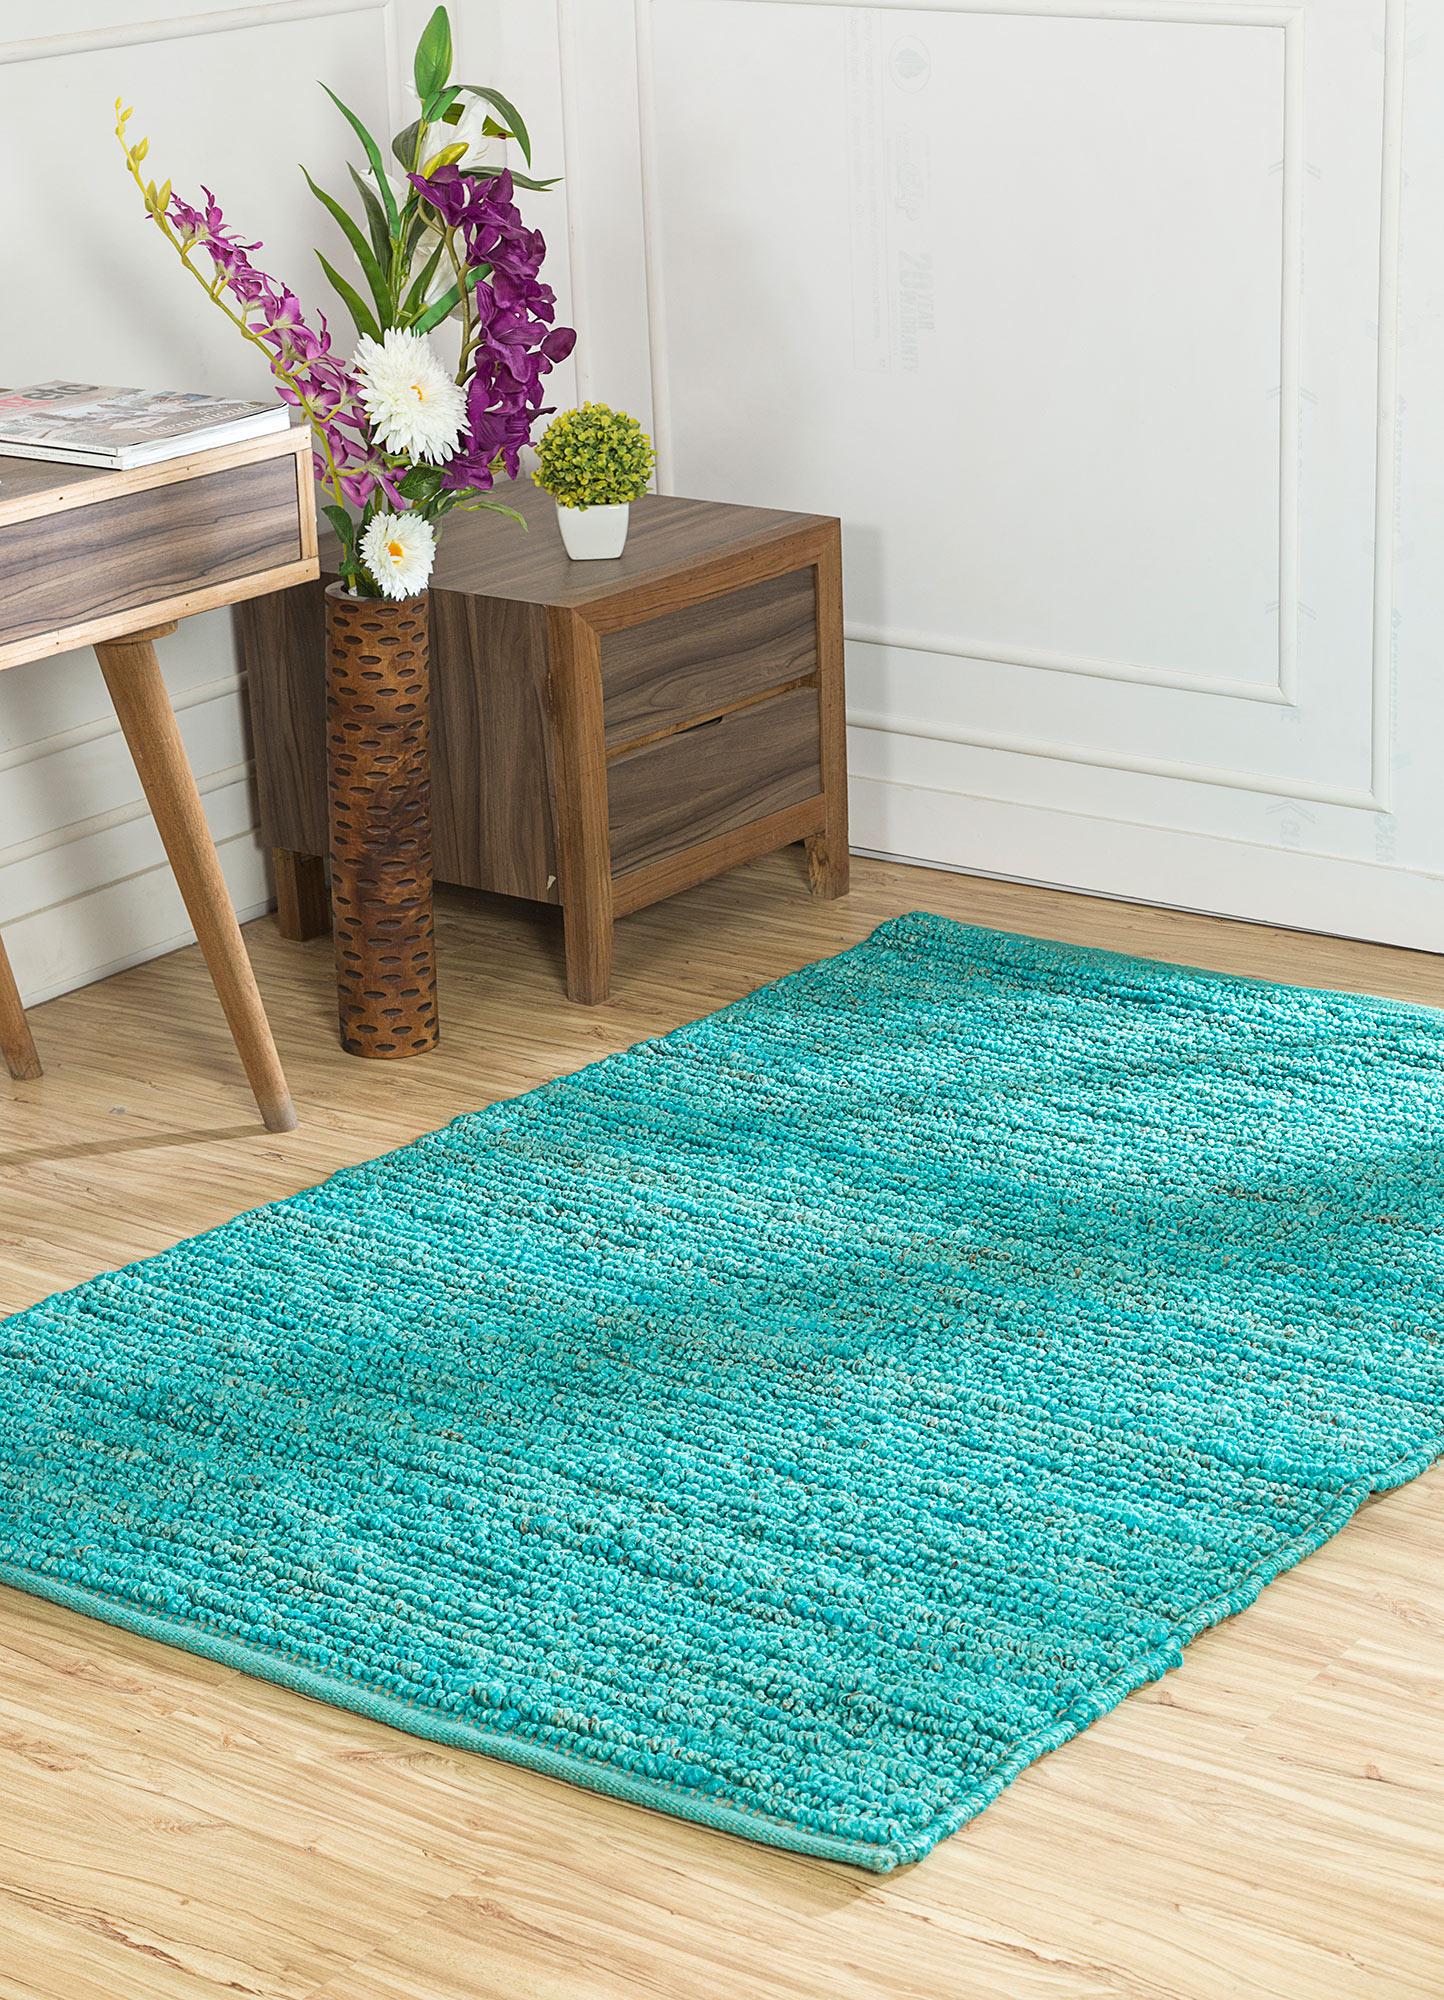 abrash blue jute and hemp jute rugs Rug - RoomScene